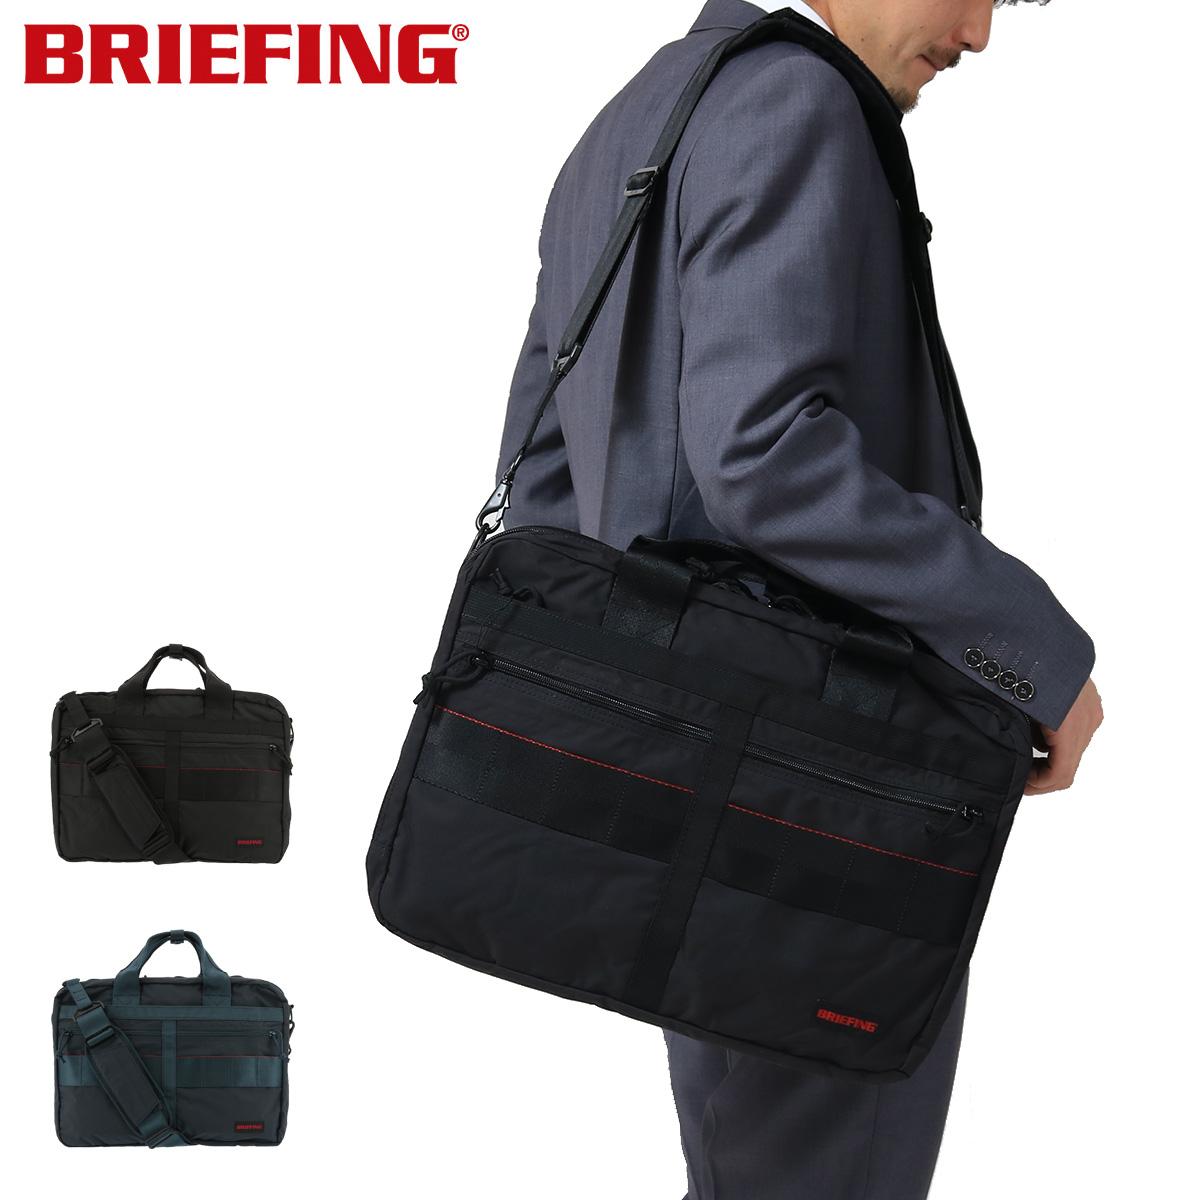 ブリーフィング ショルダーバッグ メンズ モジュールライナーMW BRM183402 BRIEFING ビジネスバッグ A4 リップストップナイロン [即日発送]【PO10】